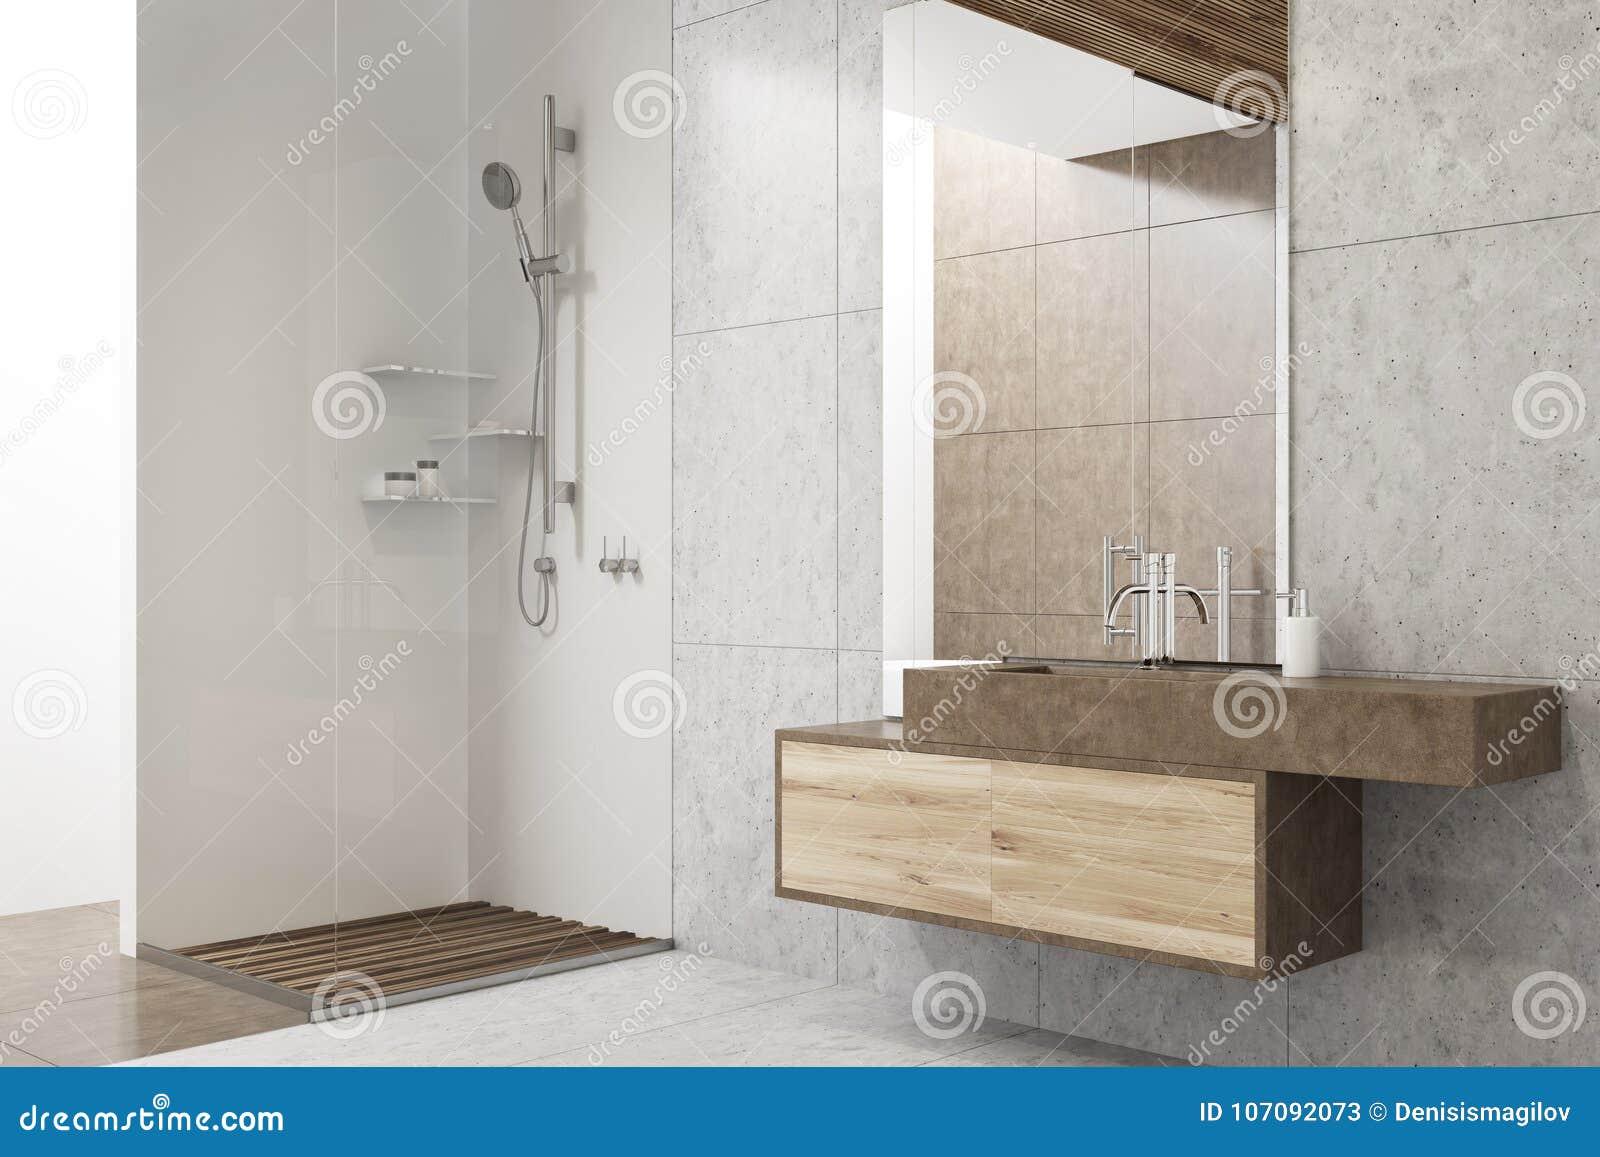 Graues Badezimmer Mit Einer Wanne, Eine Dusche Stock Abbildung ...